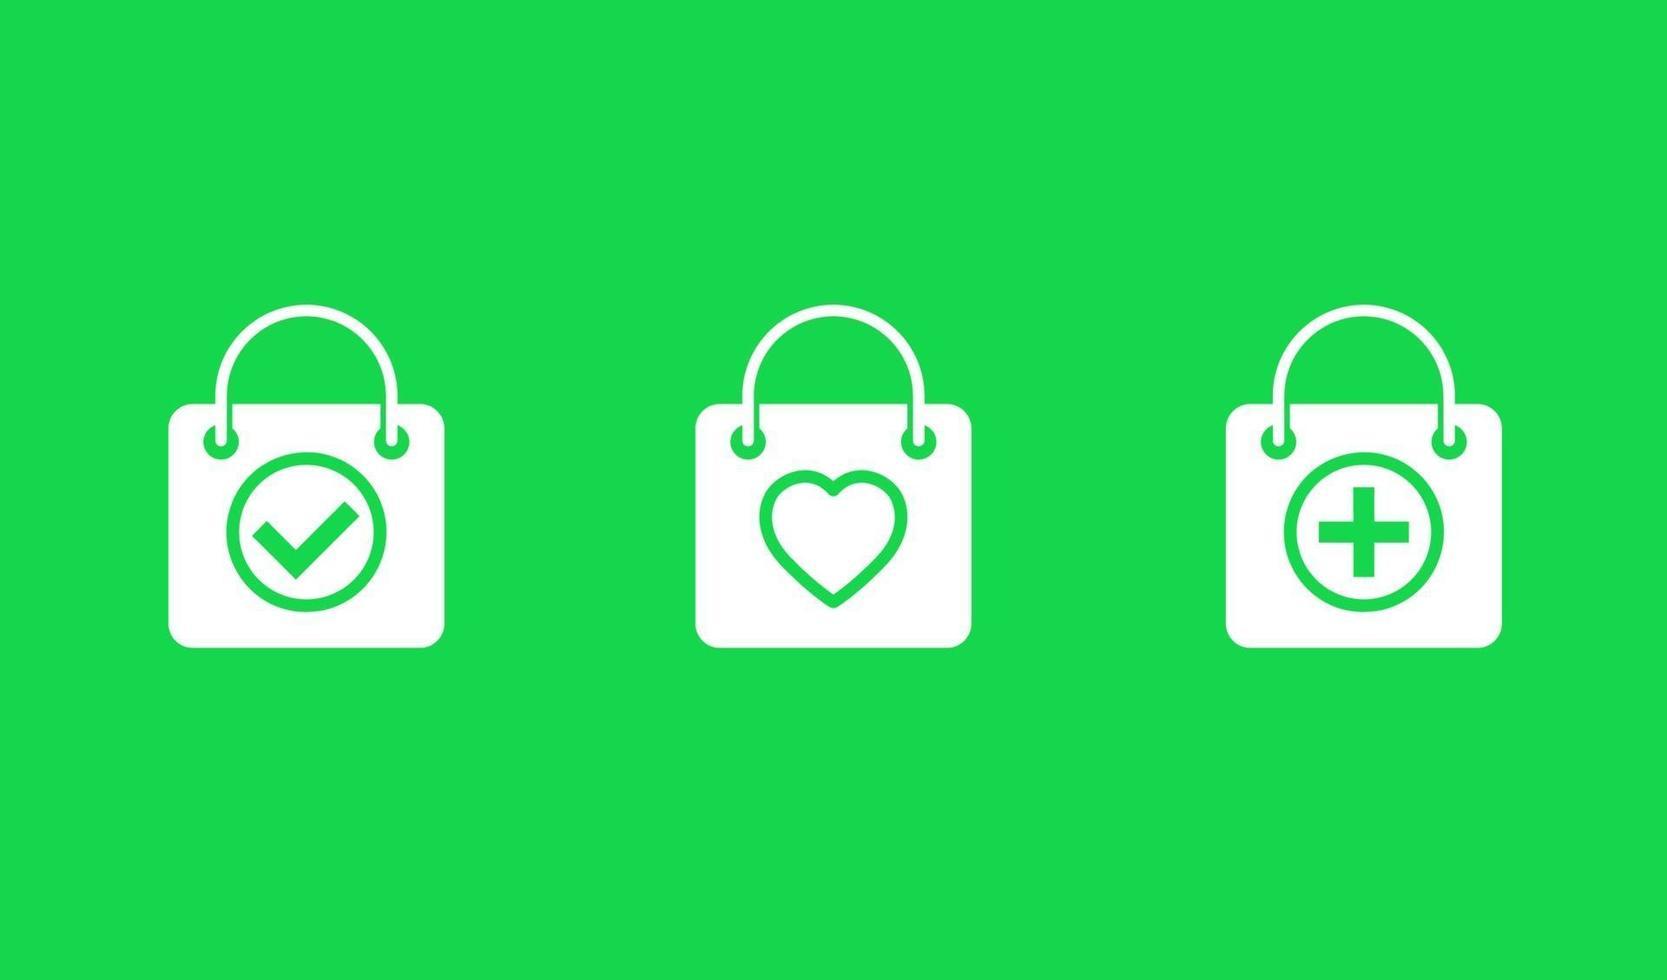 icone dello shopping online con bags.eps vettore